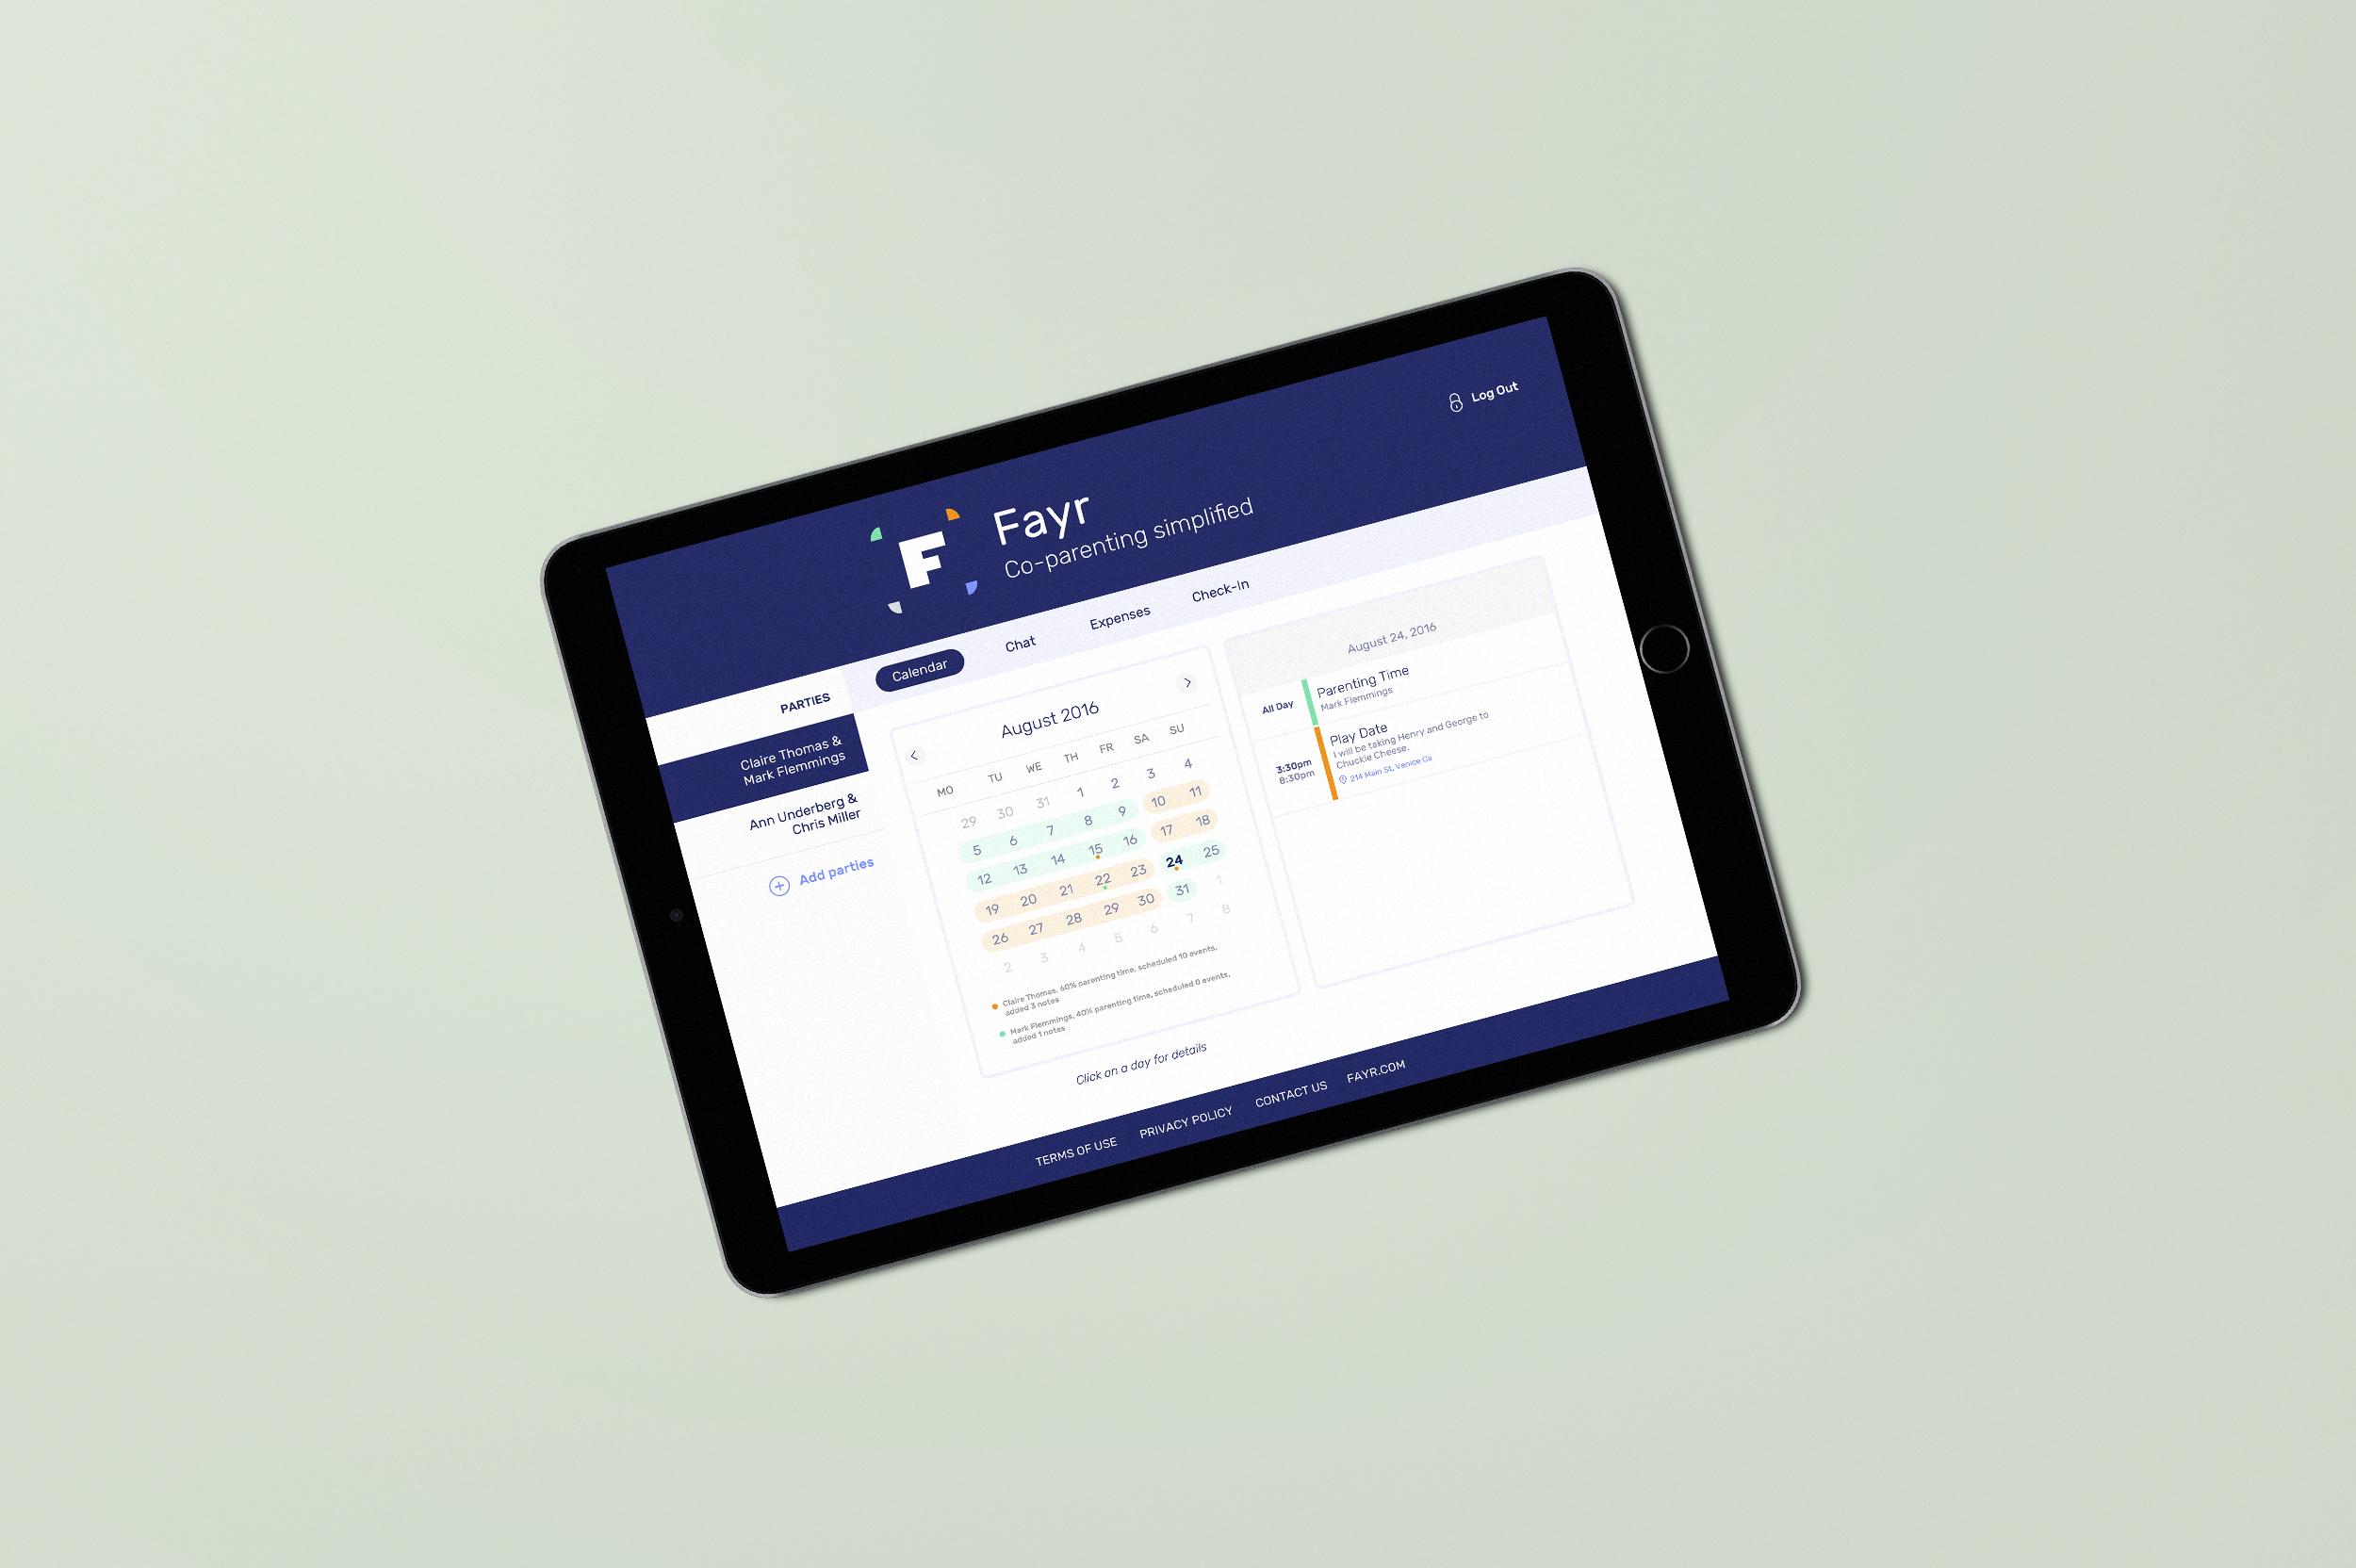 F-iPad-1.jpg